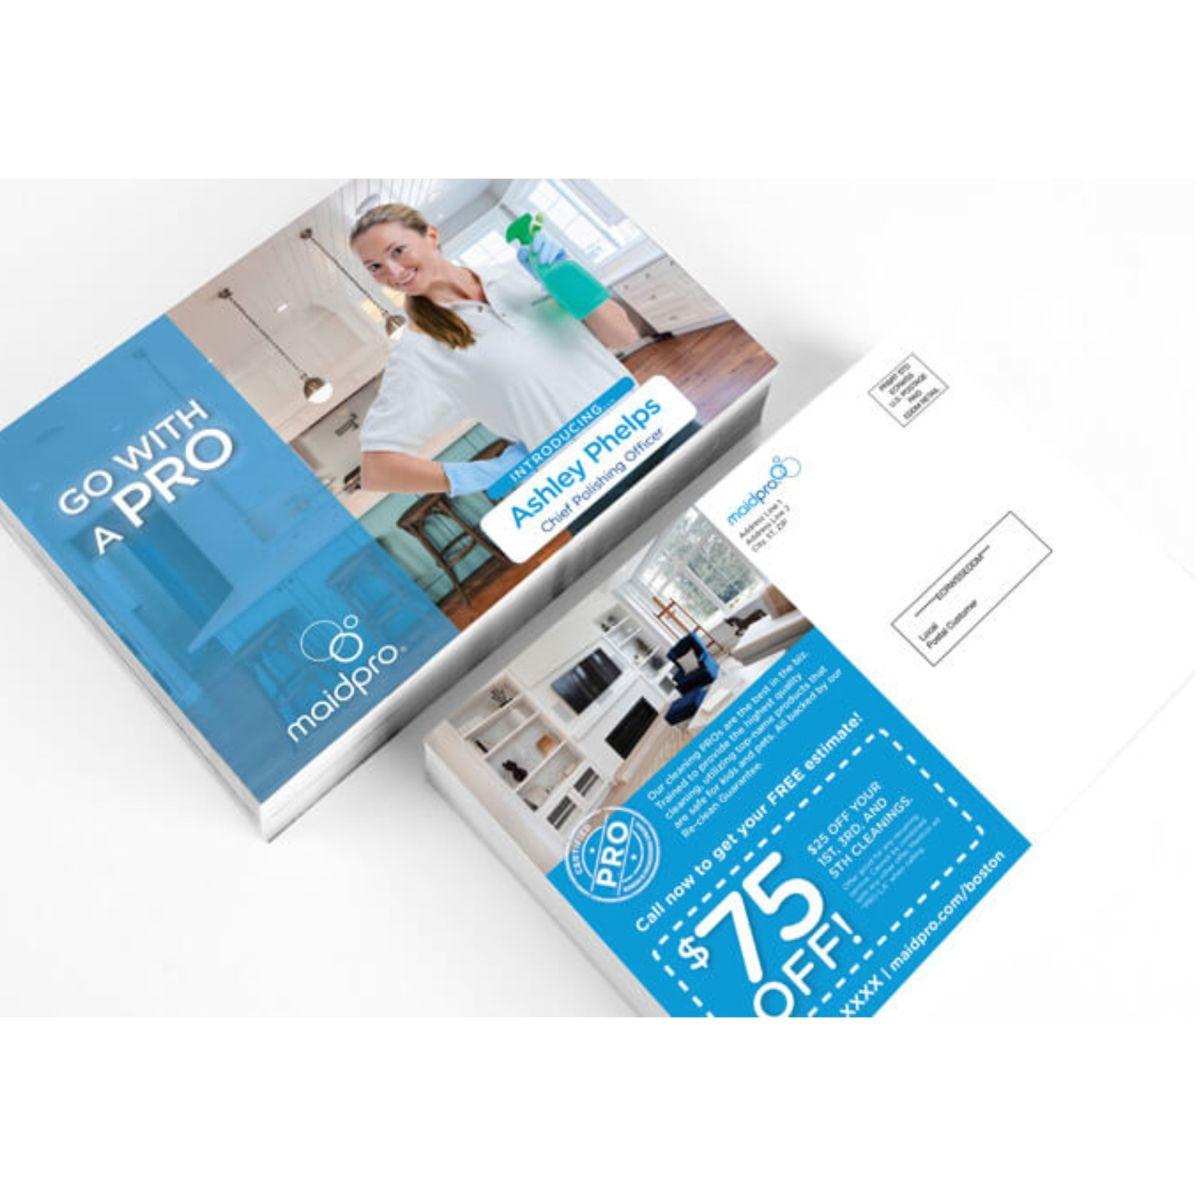 PostCard-Flyer-05282018-3